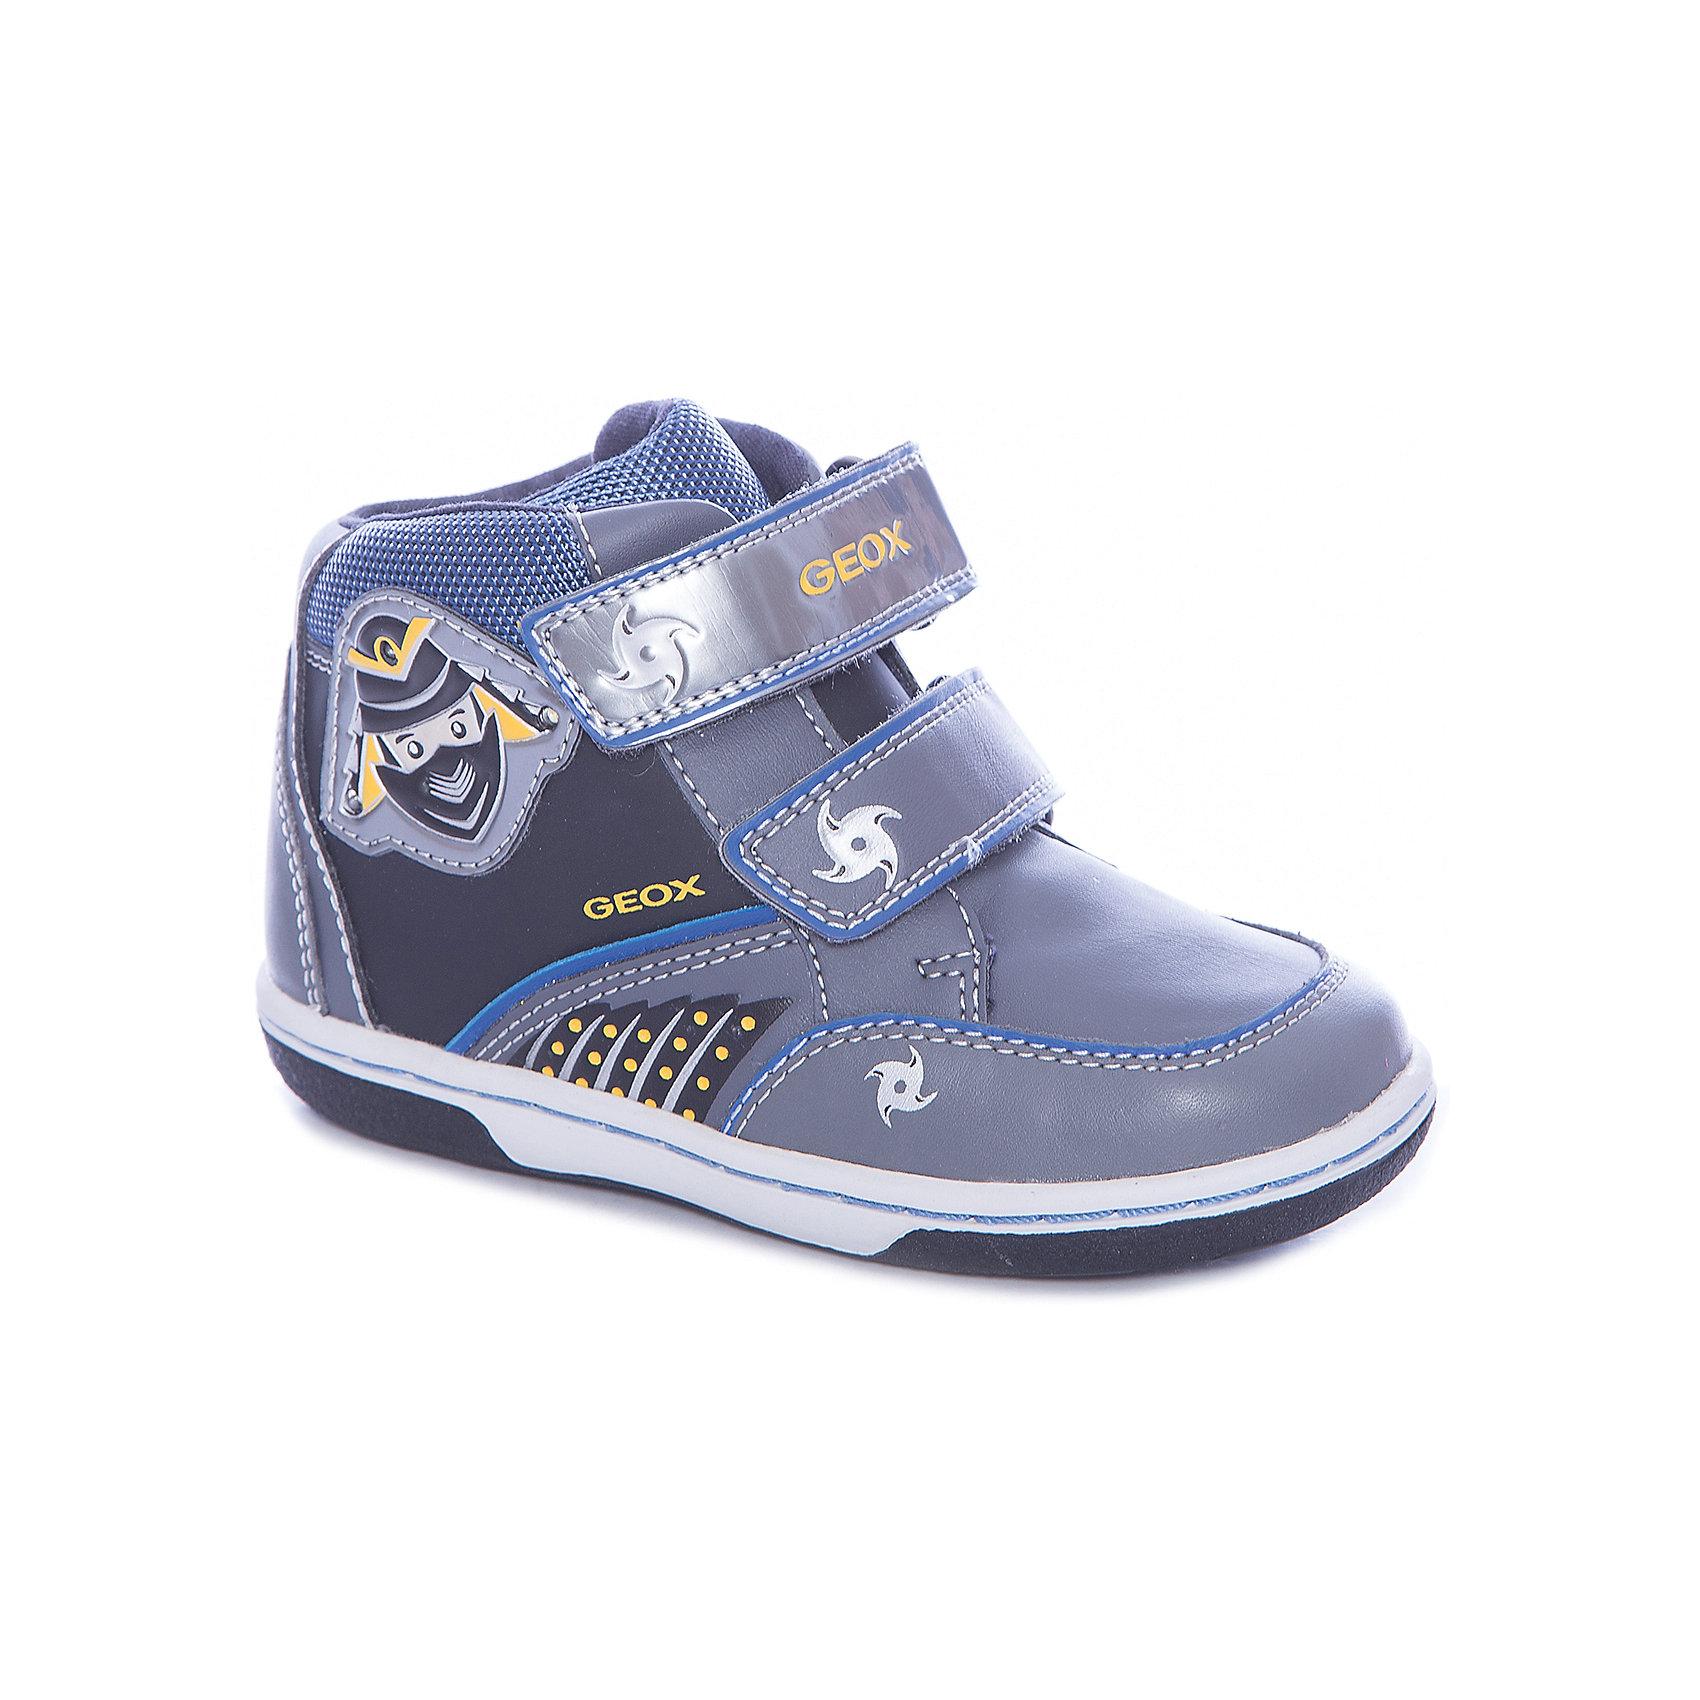 Ботинки для мальчика GeoxОбувь для малышей<br>Ботинки для мальчика от знаменитого итальянского бренда взрослой и детской одежды и обуви GEOX (Геокс). Прогулки станут еще веселее! Ботинки представлены в сером цвете в совмещении с серебристыми, синими и желтыми деталями, на них имеются нашитые озорные ниндзи и рисунки сюрикэнов. Разработанная технология подошвы кроссовок не позволяет им скользить, амортизирует шаги, не пропускает воду и позволяет стопе дышать. Мягкая подошва отлично гнется, обеспечивая безопасность шагов малыша, поддерживая стопу, позволяя стоять более уверенно и оставляя свободу движения. Эргономичная антибактериальная стелька и высокий задник хорошо фиксируют голеностоп и удобны в носке. Внутренний материал позволяют легко надевать и снимать Ботинки, застегивая на две практичные липучки. Ботинки сохраняют тепло маленьких ножек и оставляют их сухими, позволяя им дышать. <br>Дополнительная информация:<br>- Состав:<br>верх:  80% синтетика, 20% текстиль<br>подкладка: текстиль<br>стелька: натуральная кожа <br>подошва: резина<br>Ботинки для мальчика GEOX (Геокс) можно купить в нашем магазине.<br>Подробнее:<br>• Для детей в возрасте: от 12 месяцев до 4 лет<br>• Номер товара: 4865018<br>Страна производитель: Индонезия<br><br>Ширина мм: 250<br>Глубина мм: 150<br>Высота мм: 150<br>Вес г: 250<br>Цвет: серый<br>Возраст от месяцев: 24<br>Возраст до месяцев: 36<br>Пол: Мужской<br>Возраст: Детский<br>Размер: 26,23,24,25,27<br>SKU: 4865018